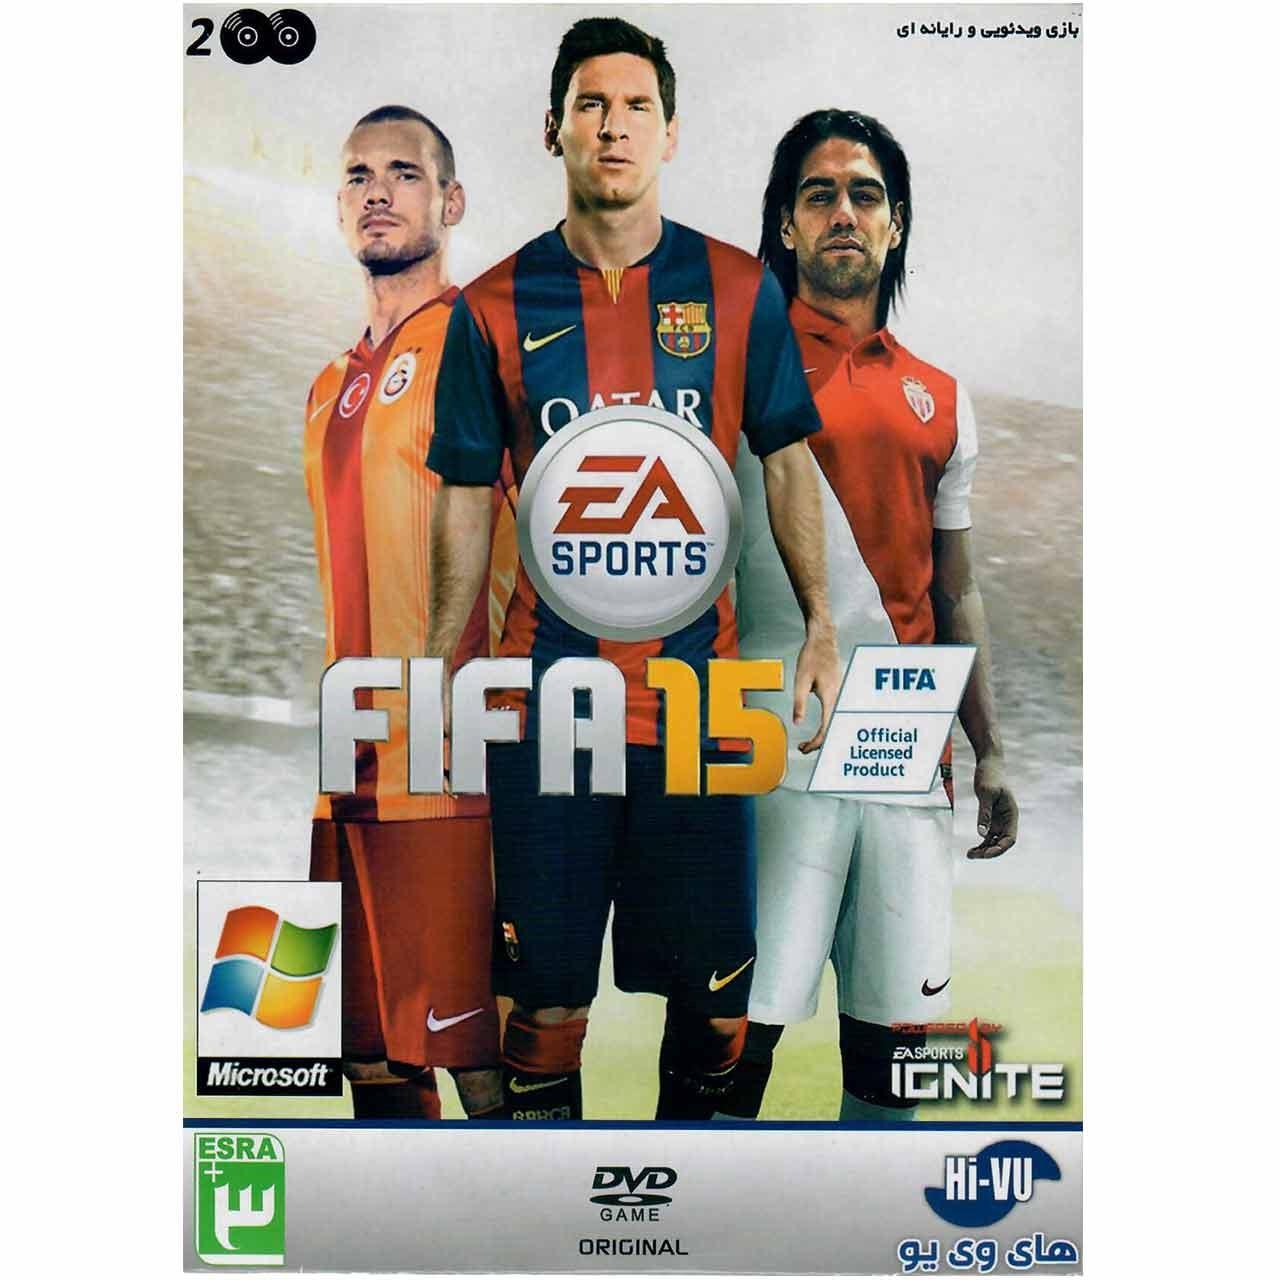 بازی کامپیوتری FIFA 15 مخصوص PC